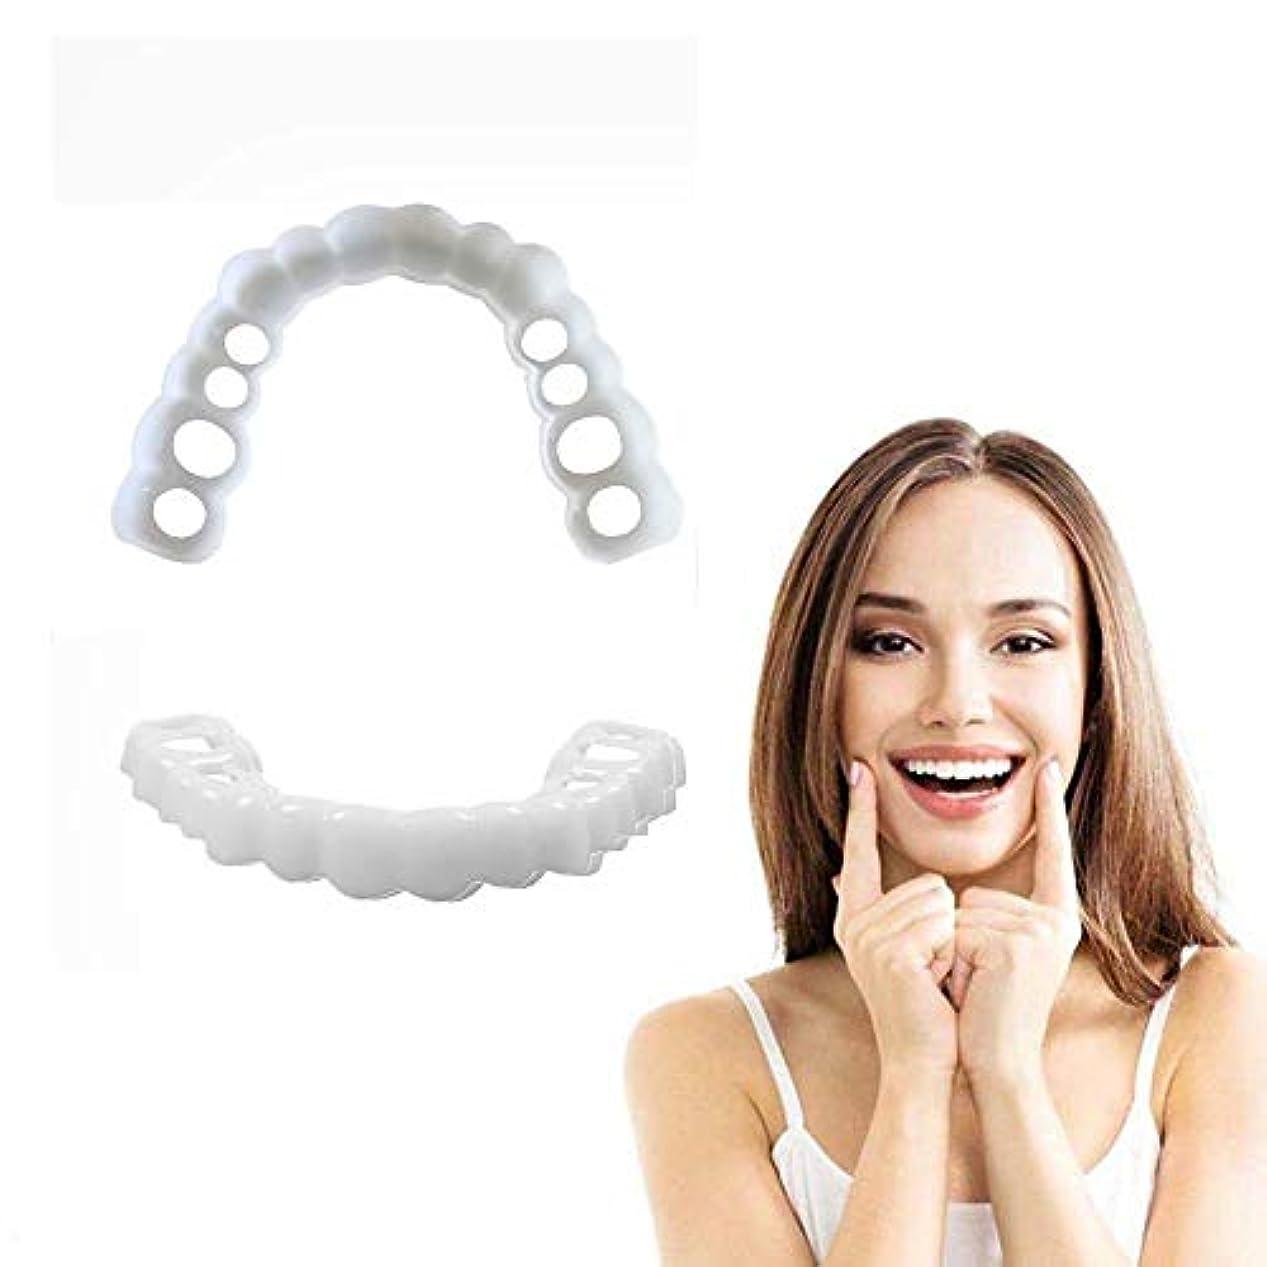 行くつぶやきとげのある2対の歯義歯歯用化粧品テンポラリースマイルコンフォートフィット化粧品用義歯(ホワイト),7Pairs